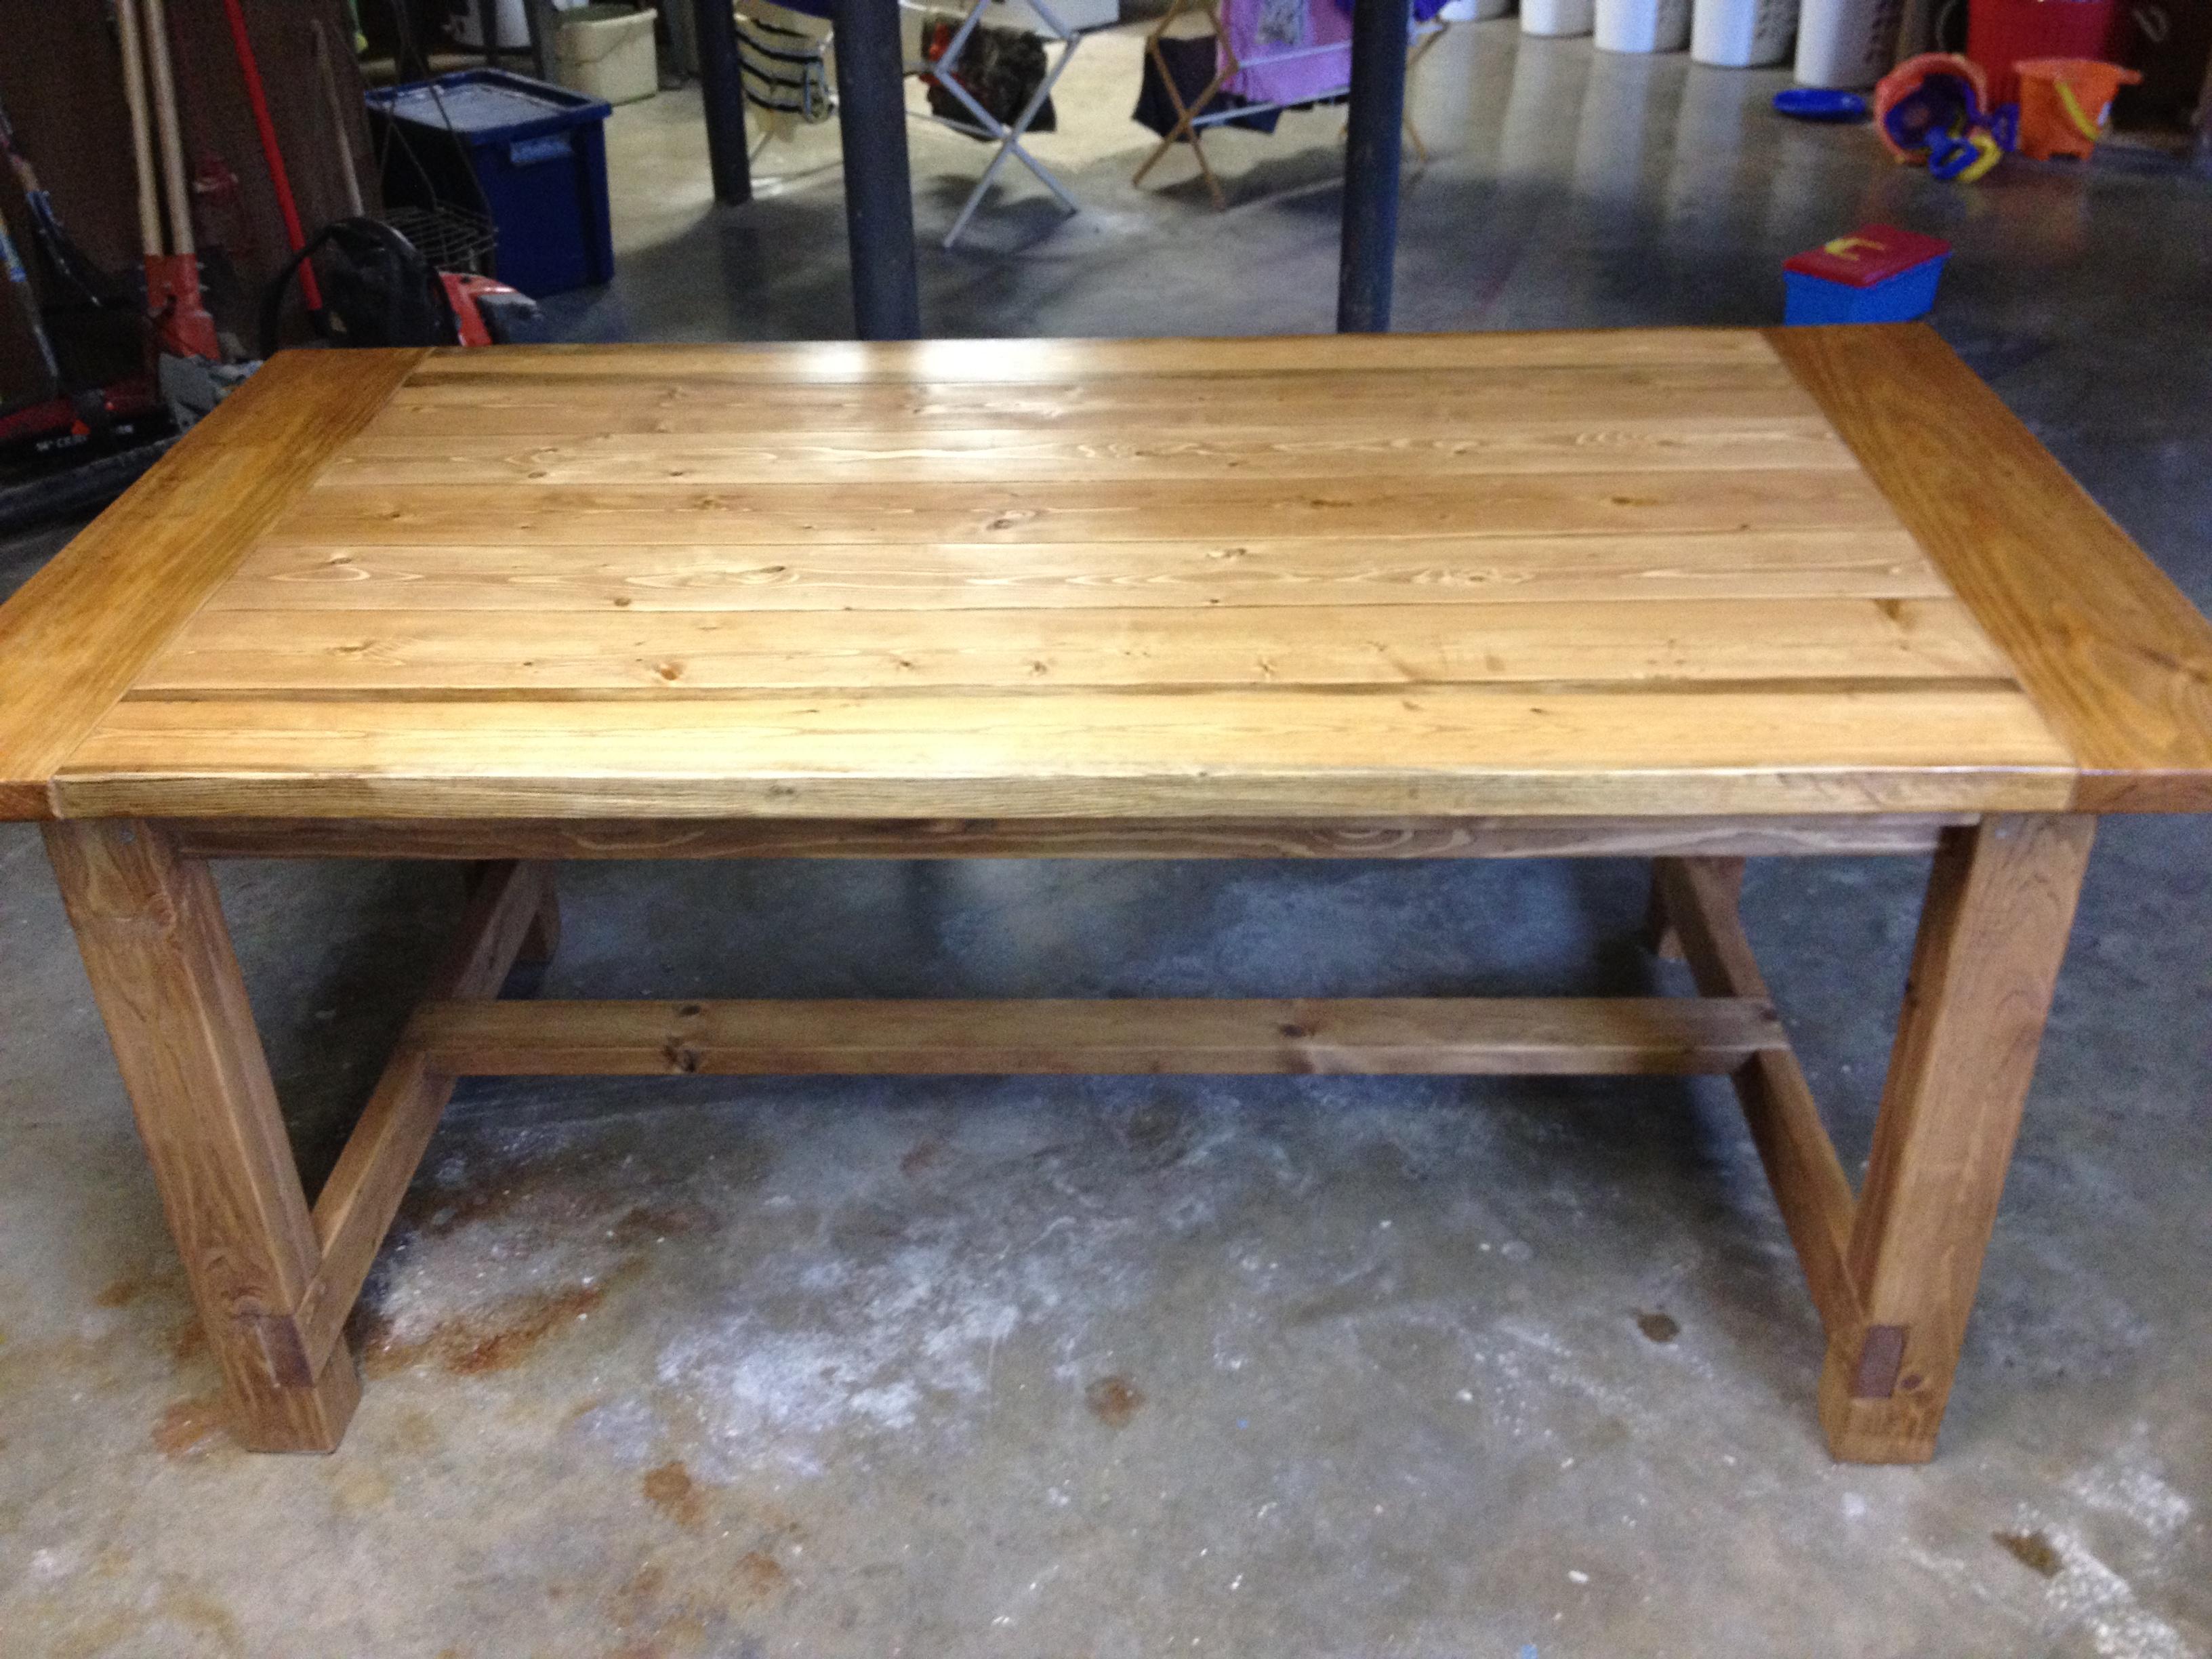 Rustic Farmhouse Table Plan on 10 Diy Farmhouse Tables